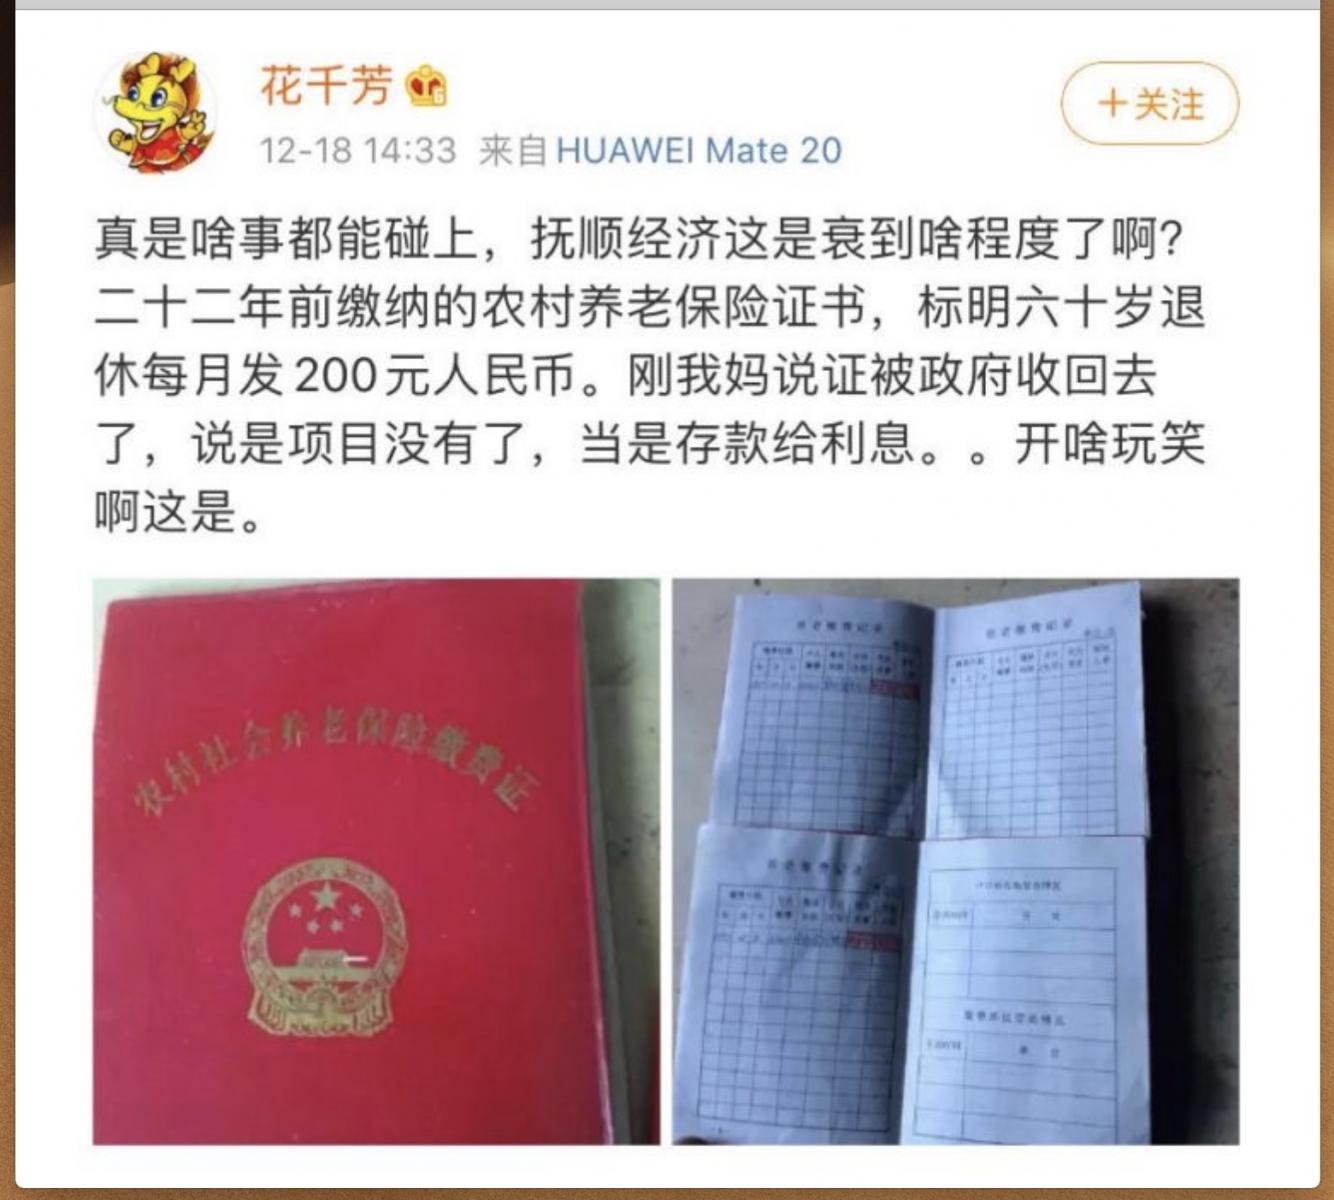 中国人均GDP超1万美元意味着什么?_图1-3